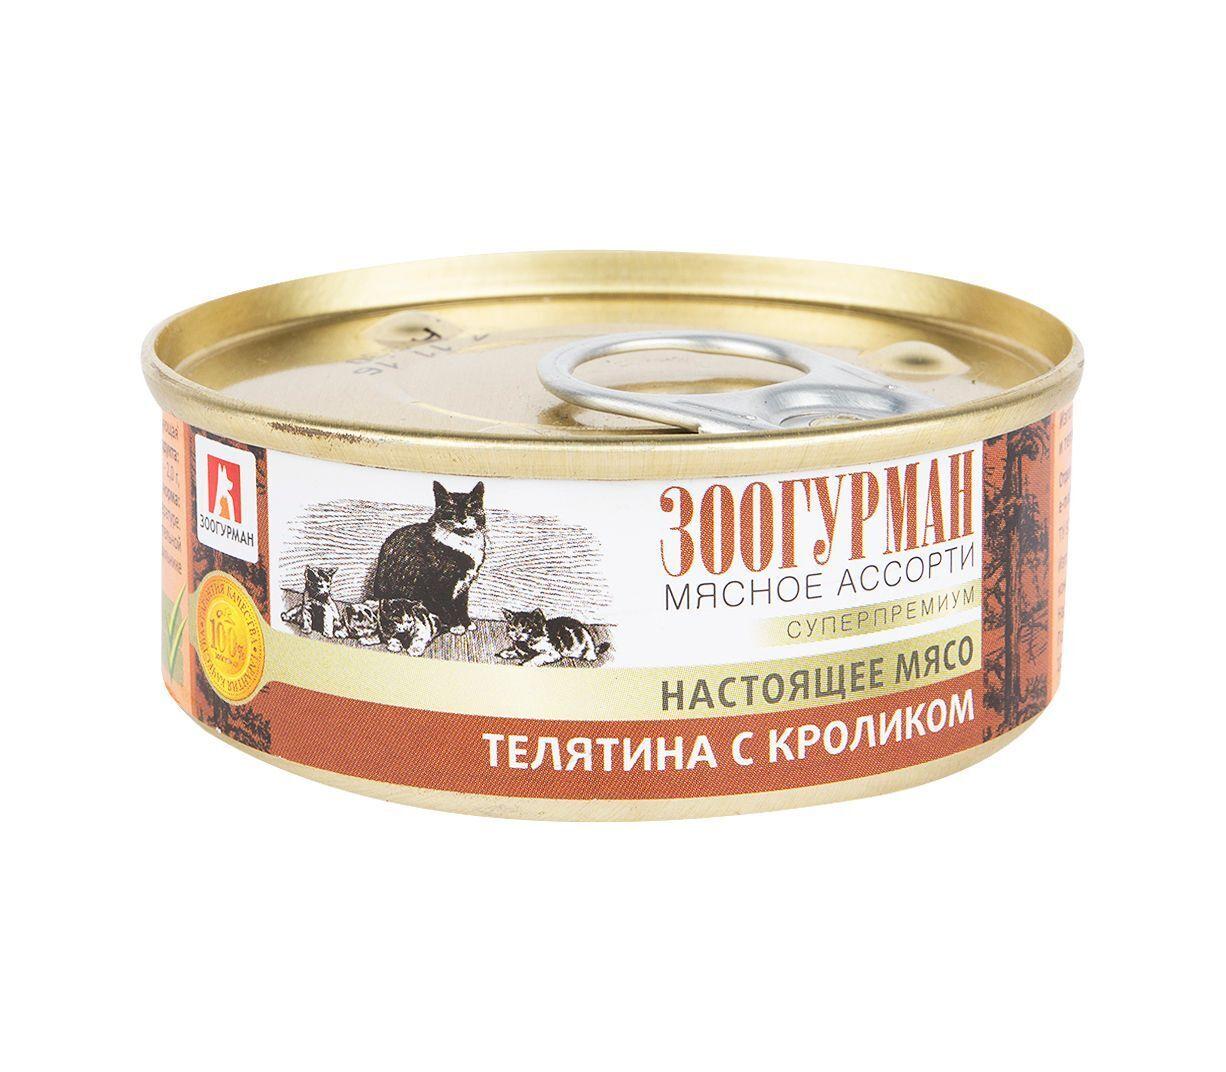 Зоогурман Мясное Ассорти влажный корм для котят всех пород, телятина и кролик 100 гр